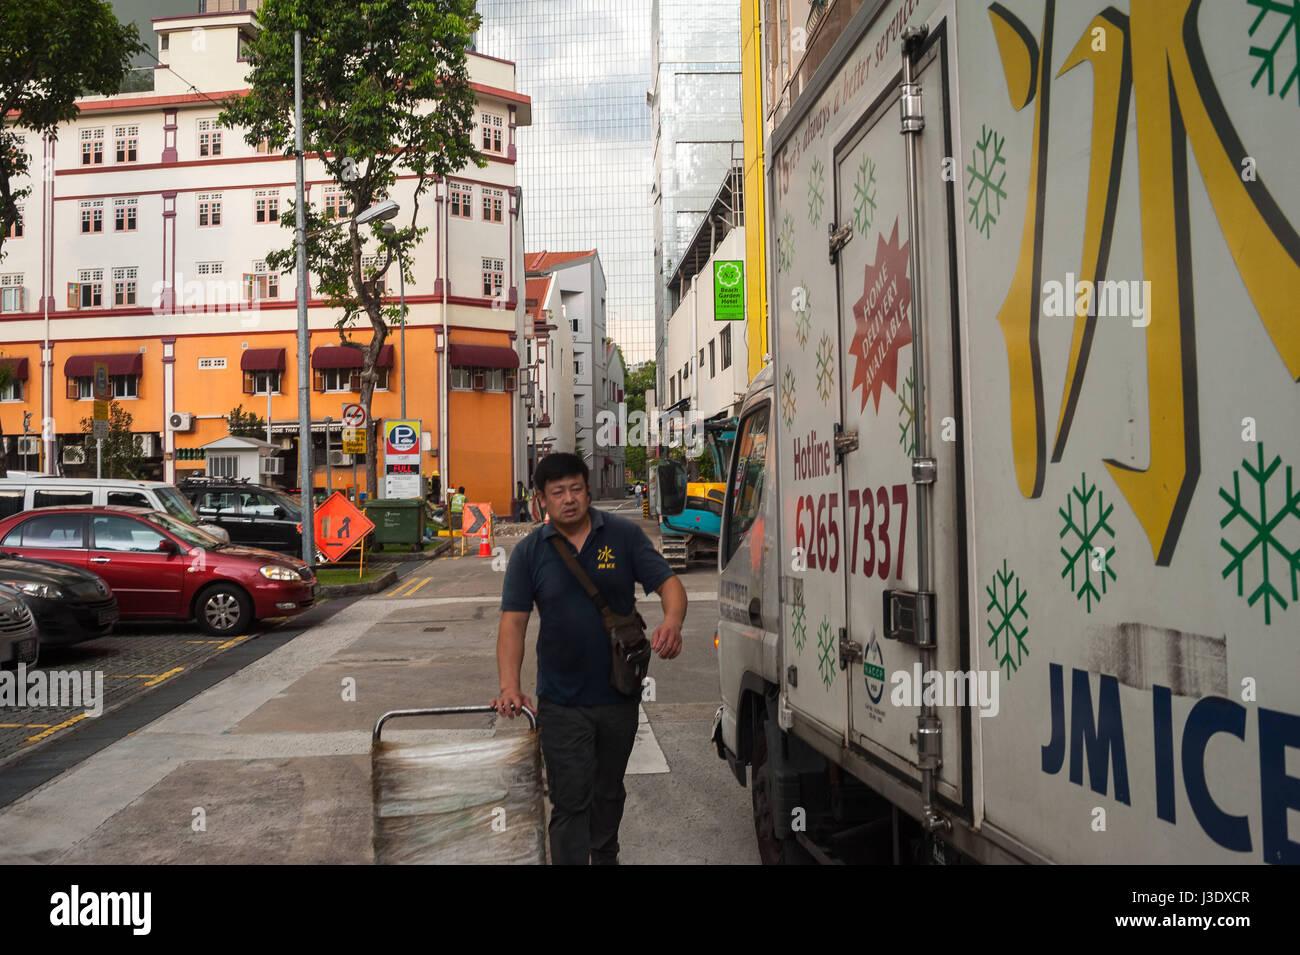 Singapur, Republik Singapur, Asien, ein Mann zu seinem LKW geht Stockbild